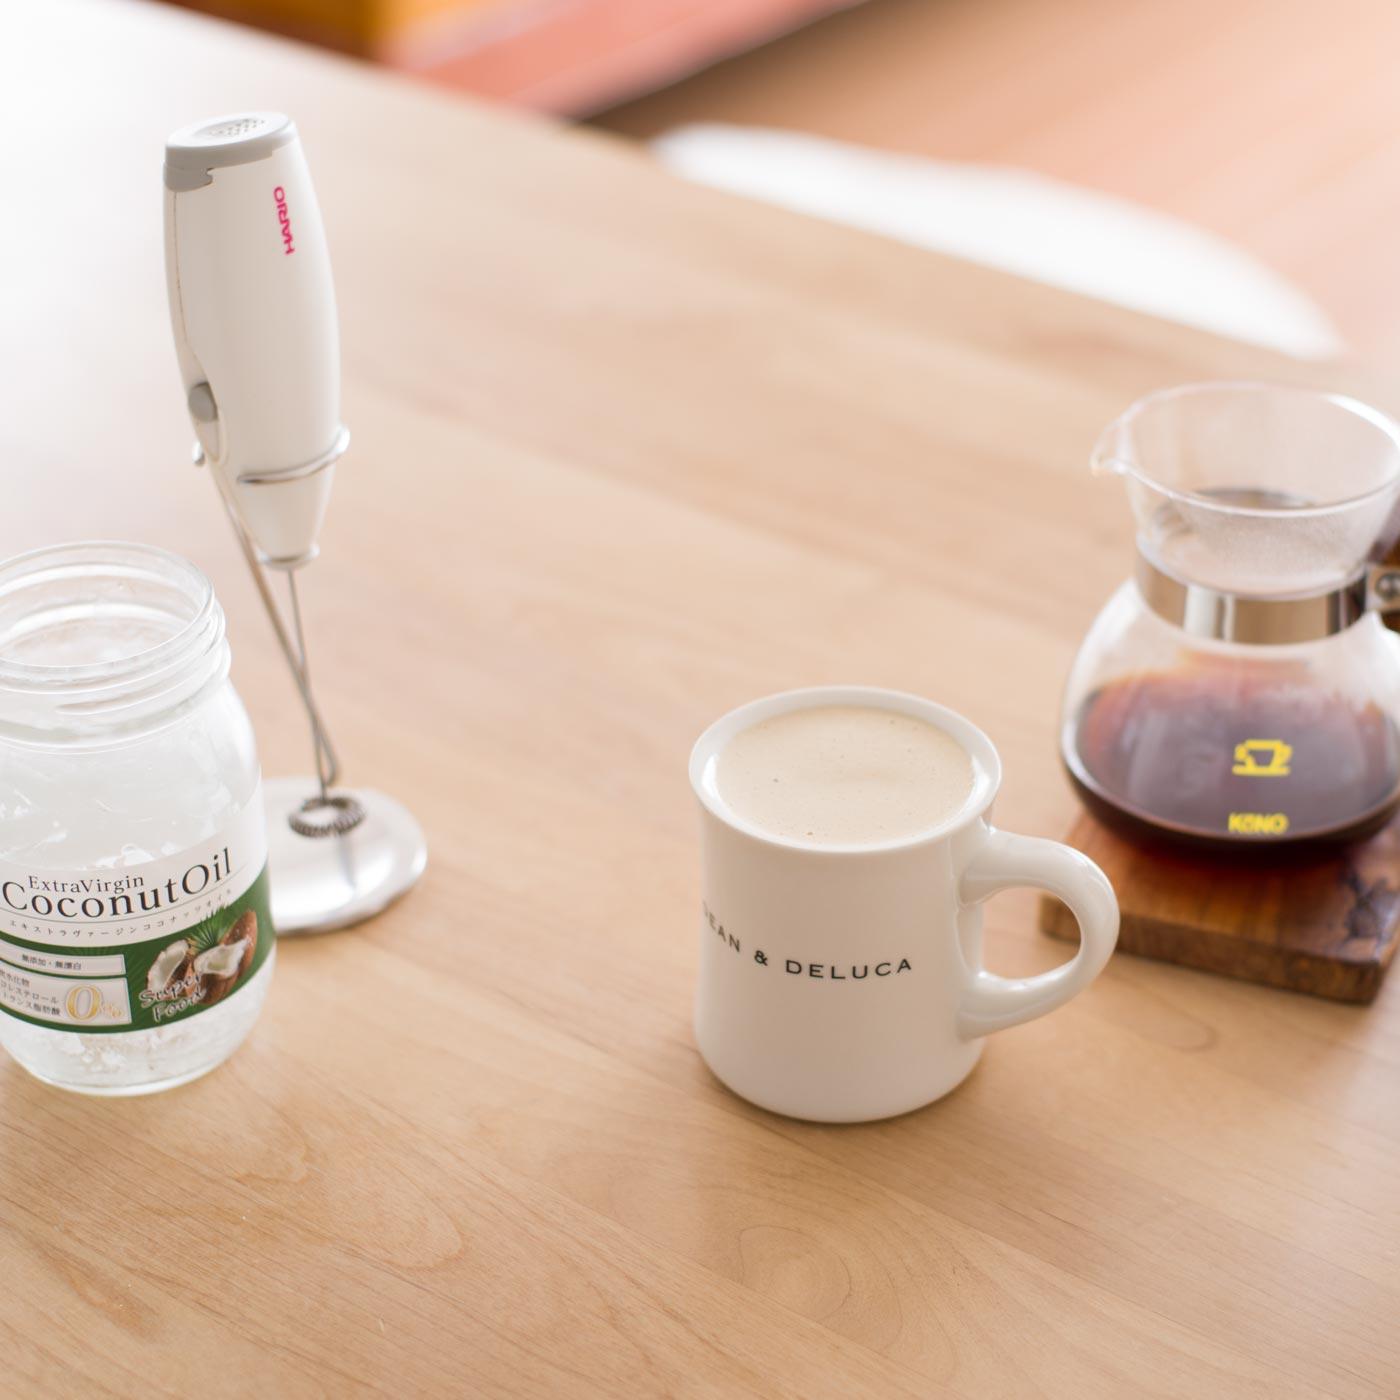 シリコンバレー式 完全無欠バターコーヒーの作り方と効果について